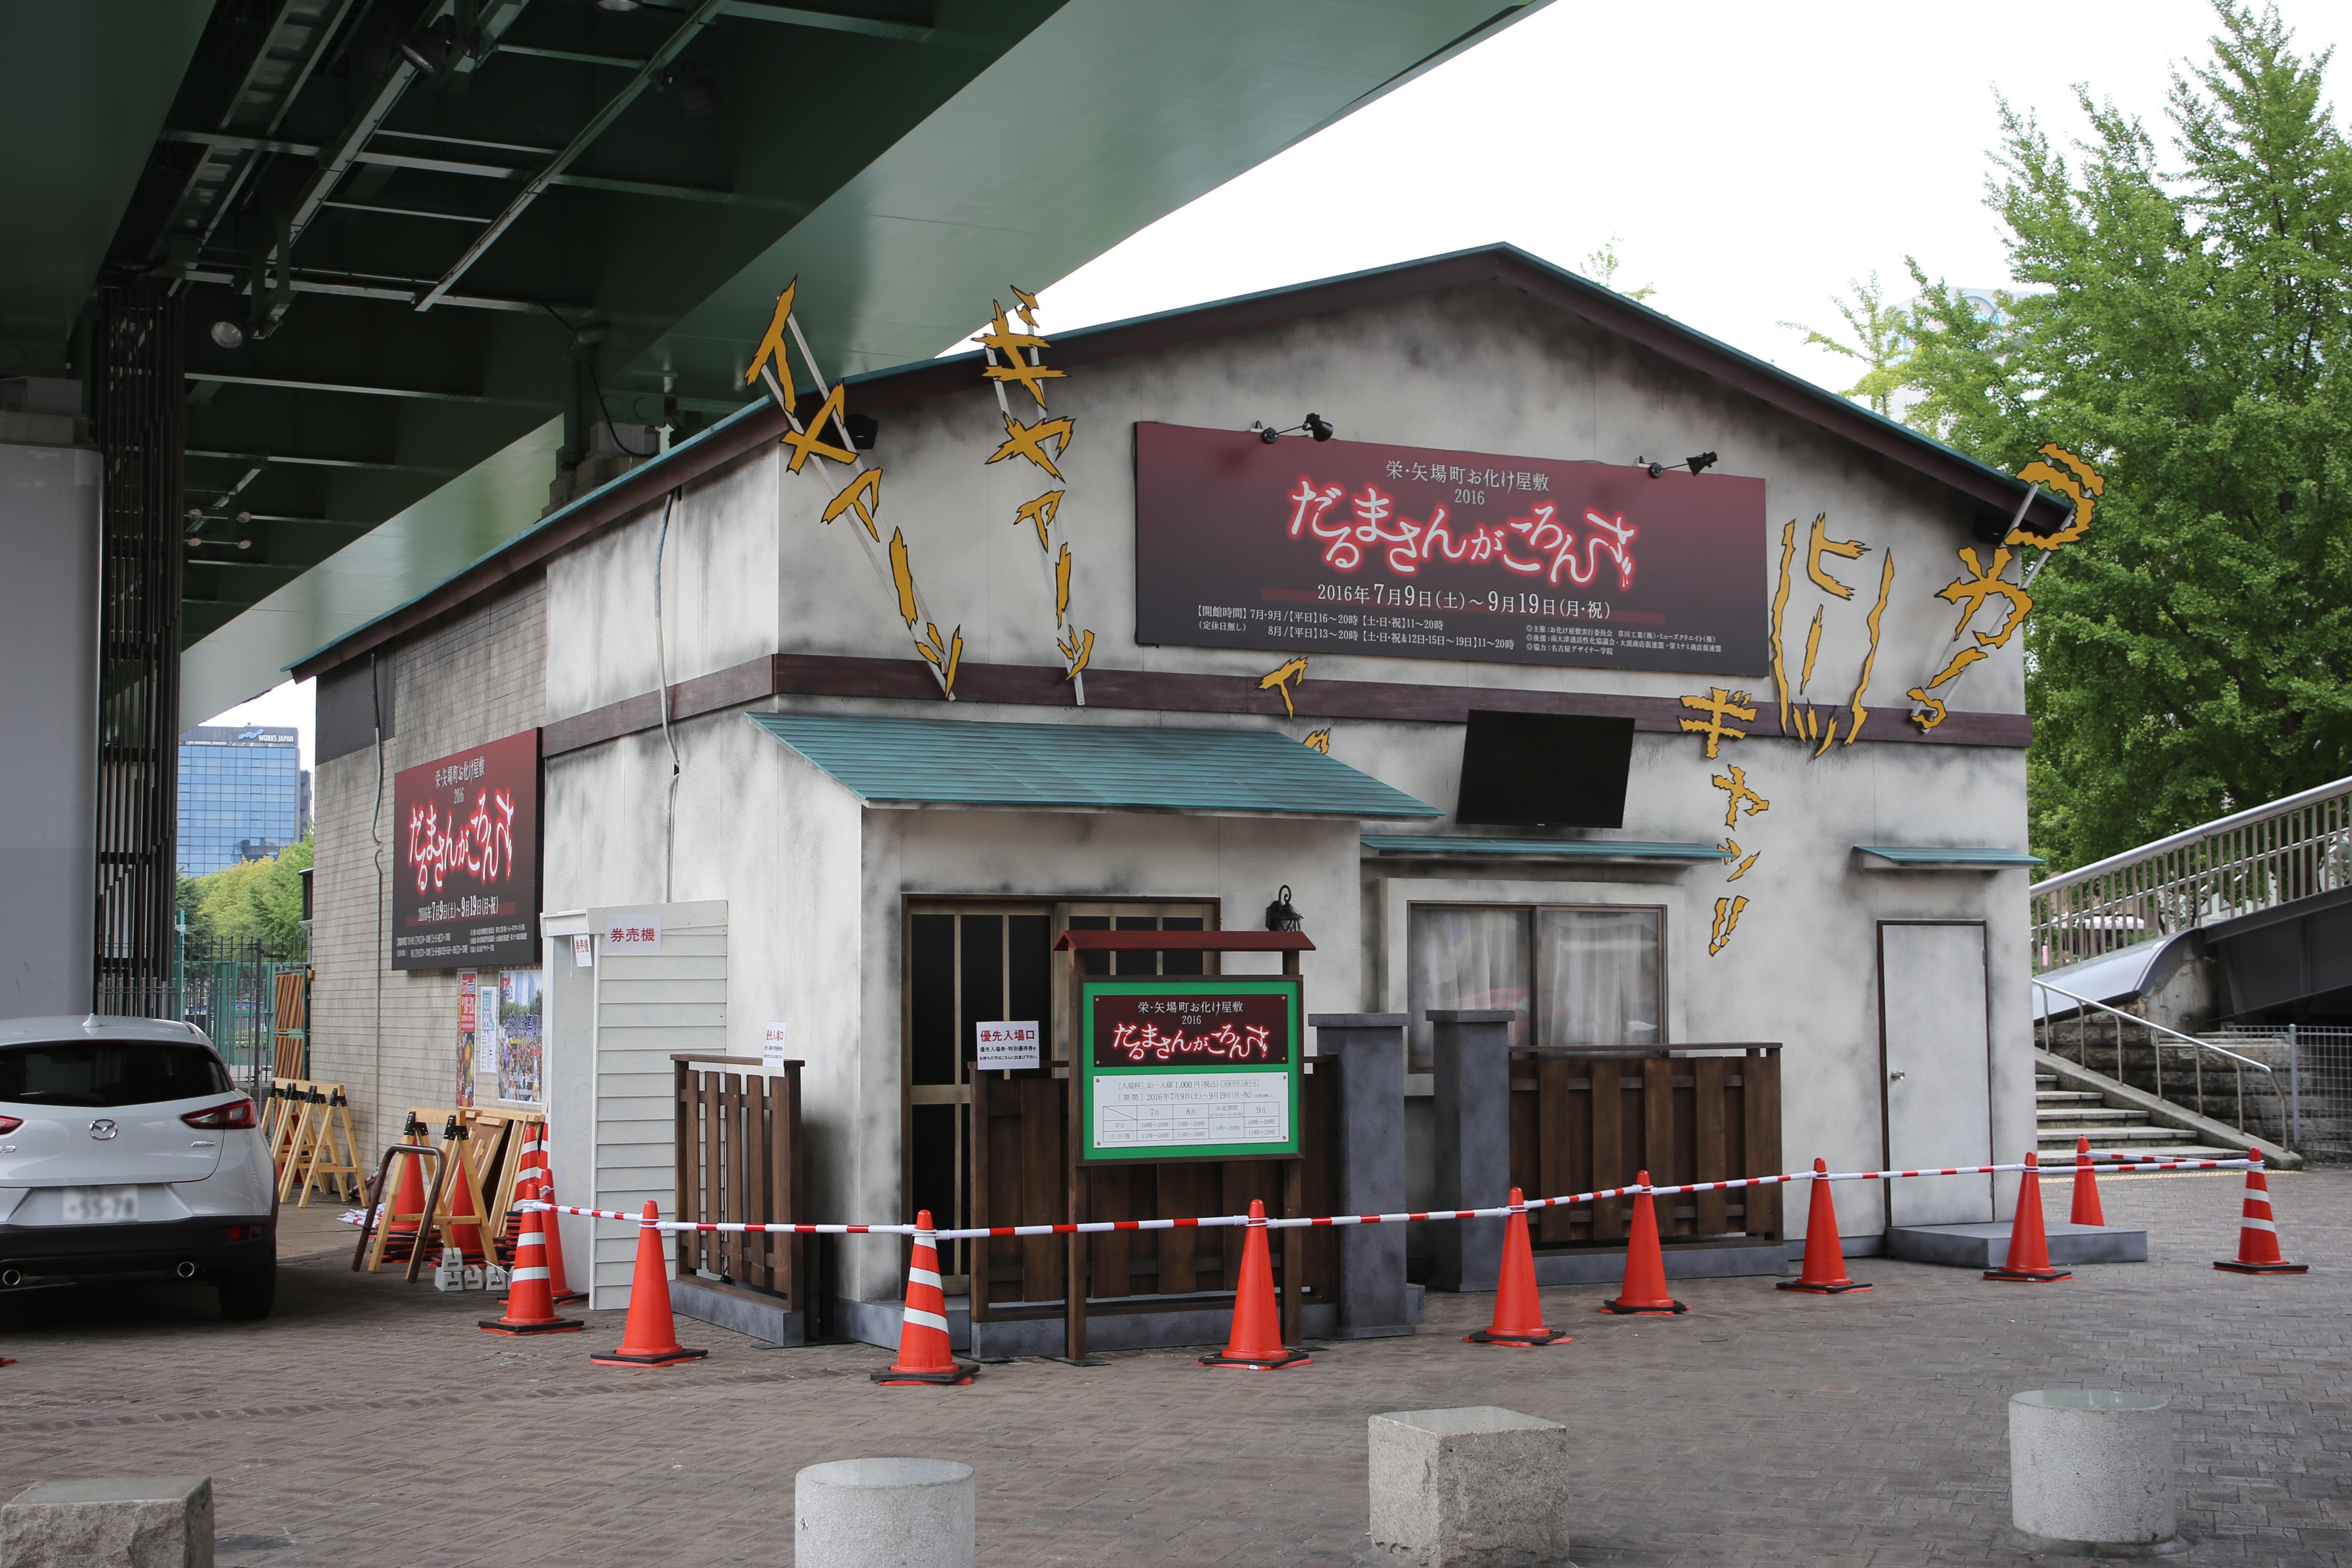 商店 大津 屋